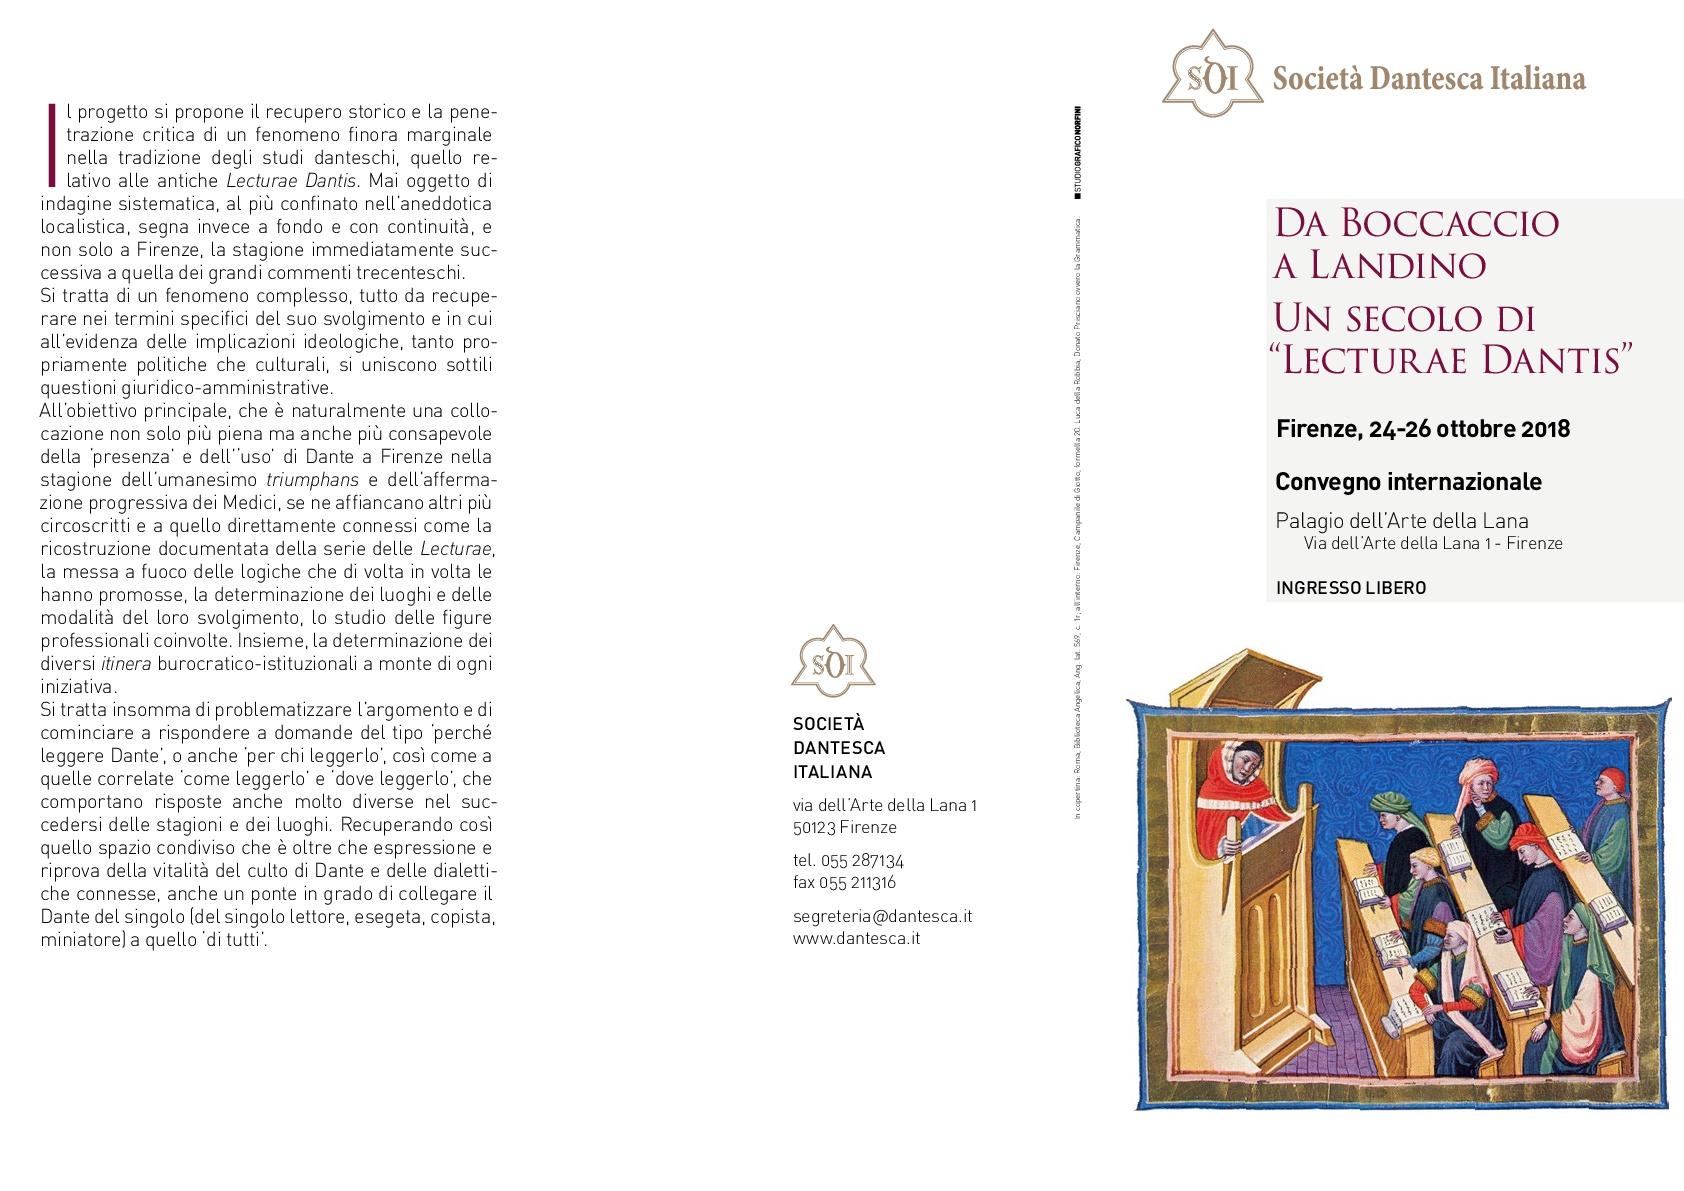 Invito Lectura Dantis Boccacio Landino (trascinato)-001